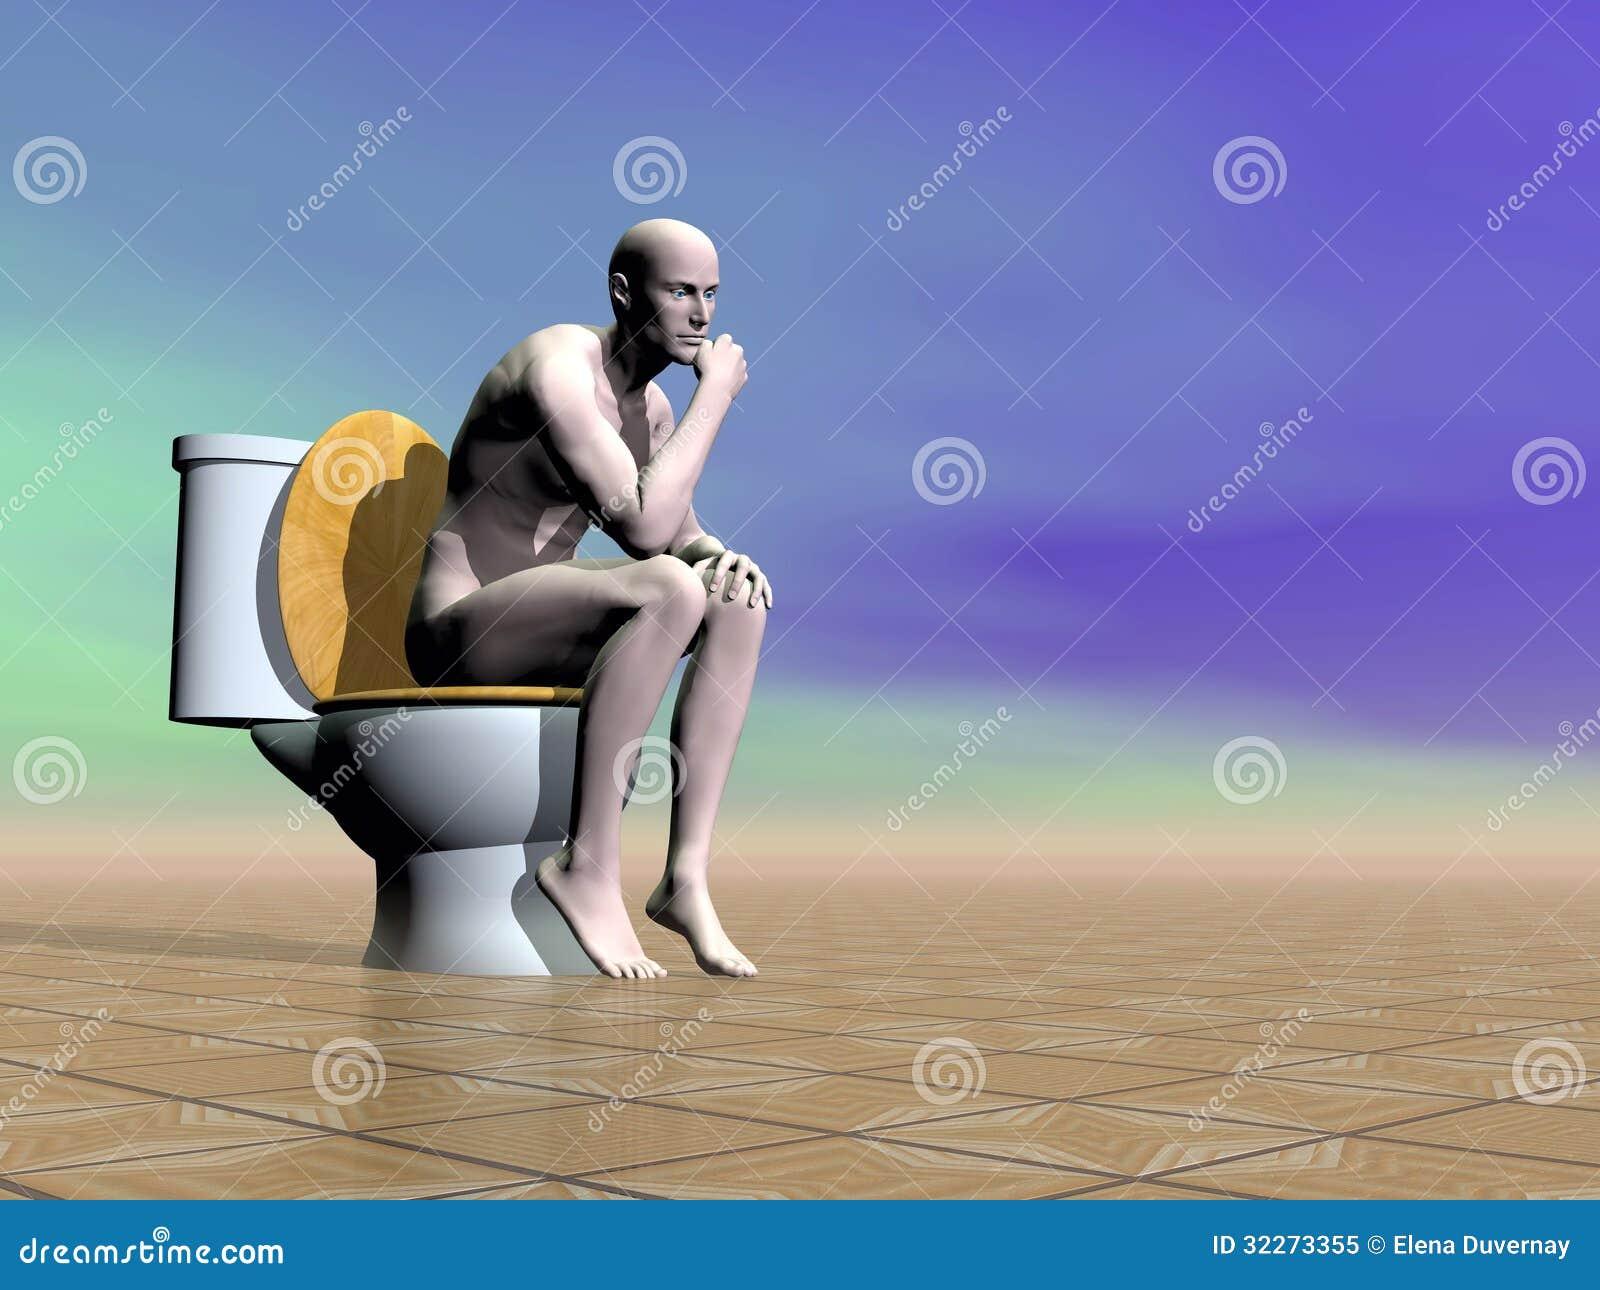 Секс в толчке онлайн, В туалете - Смотреть порно онлайн, секс видео бесплатно 32 фотография